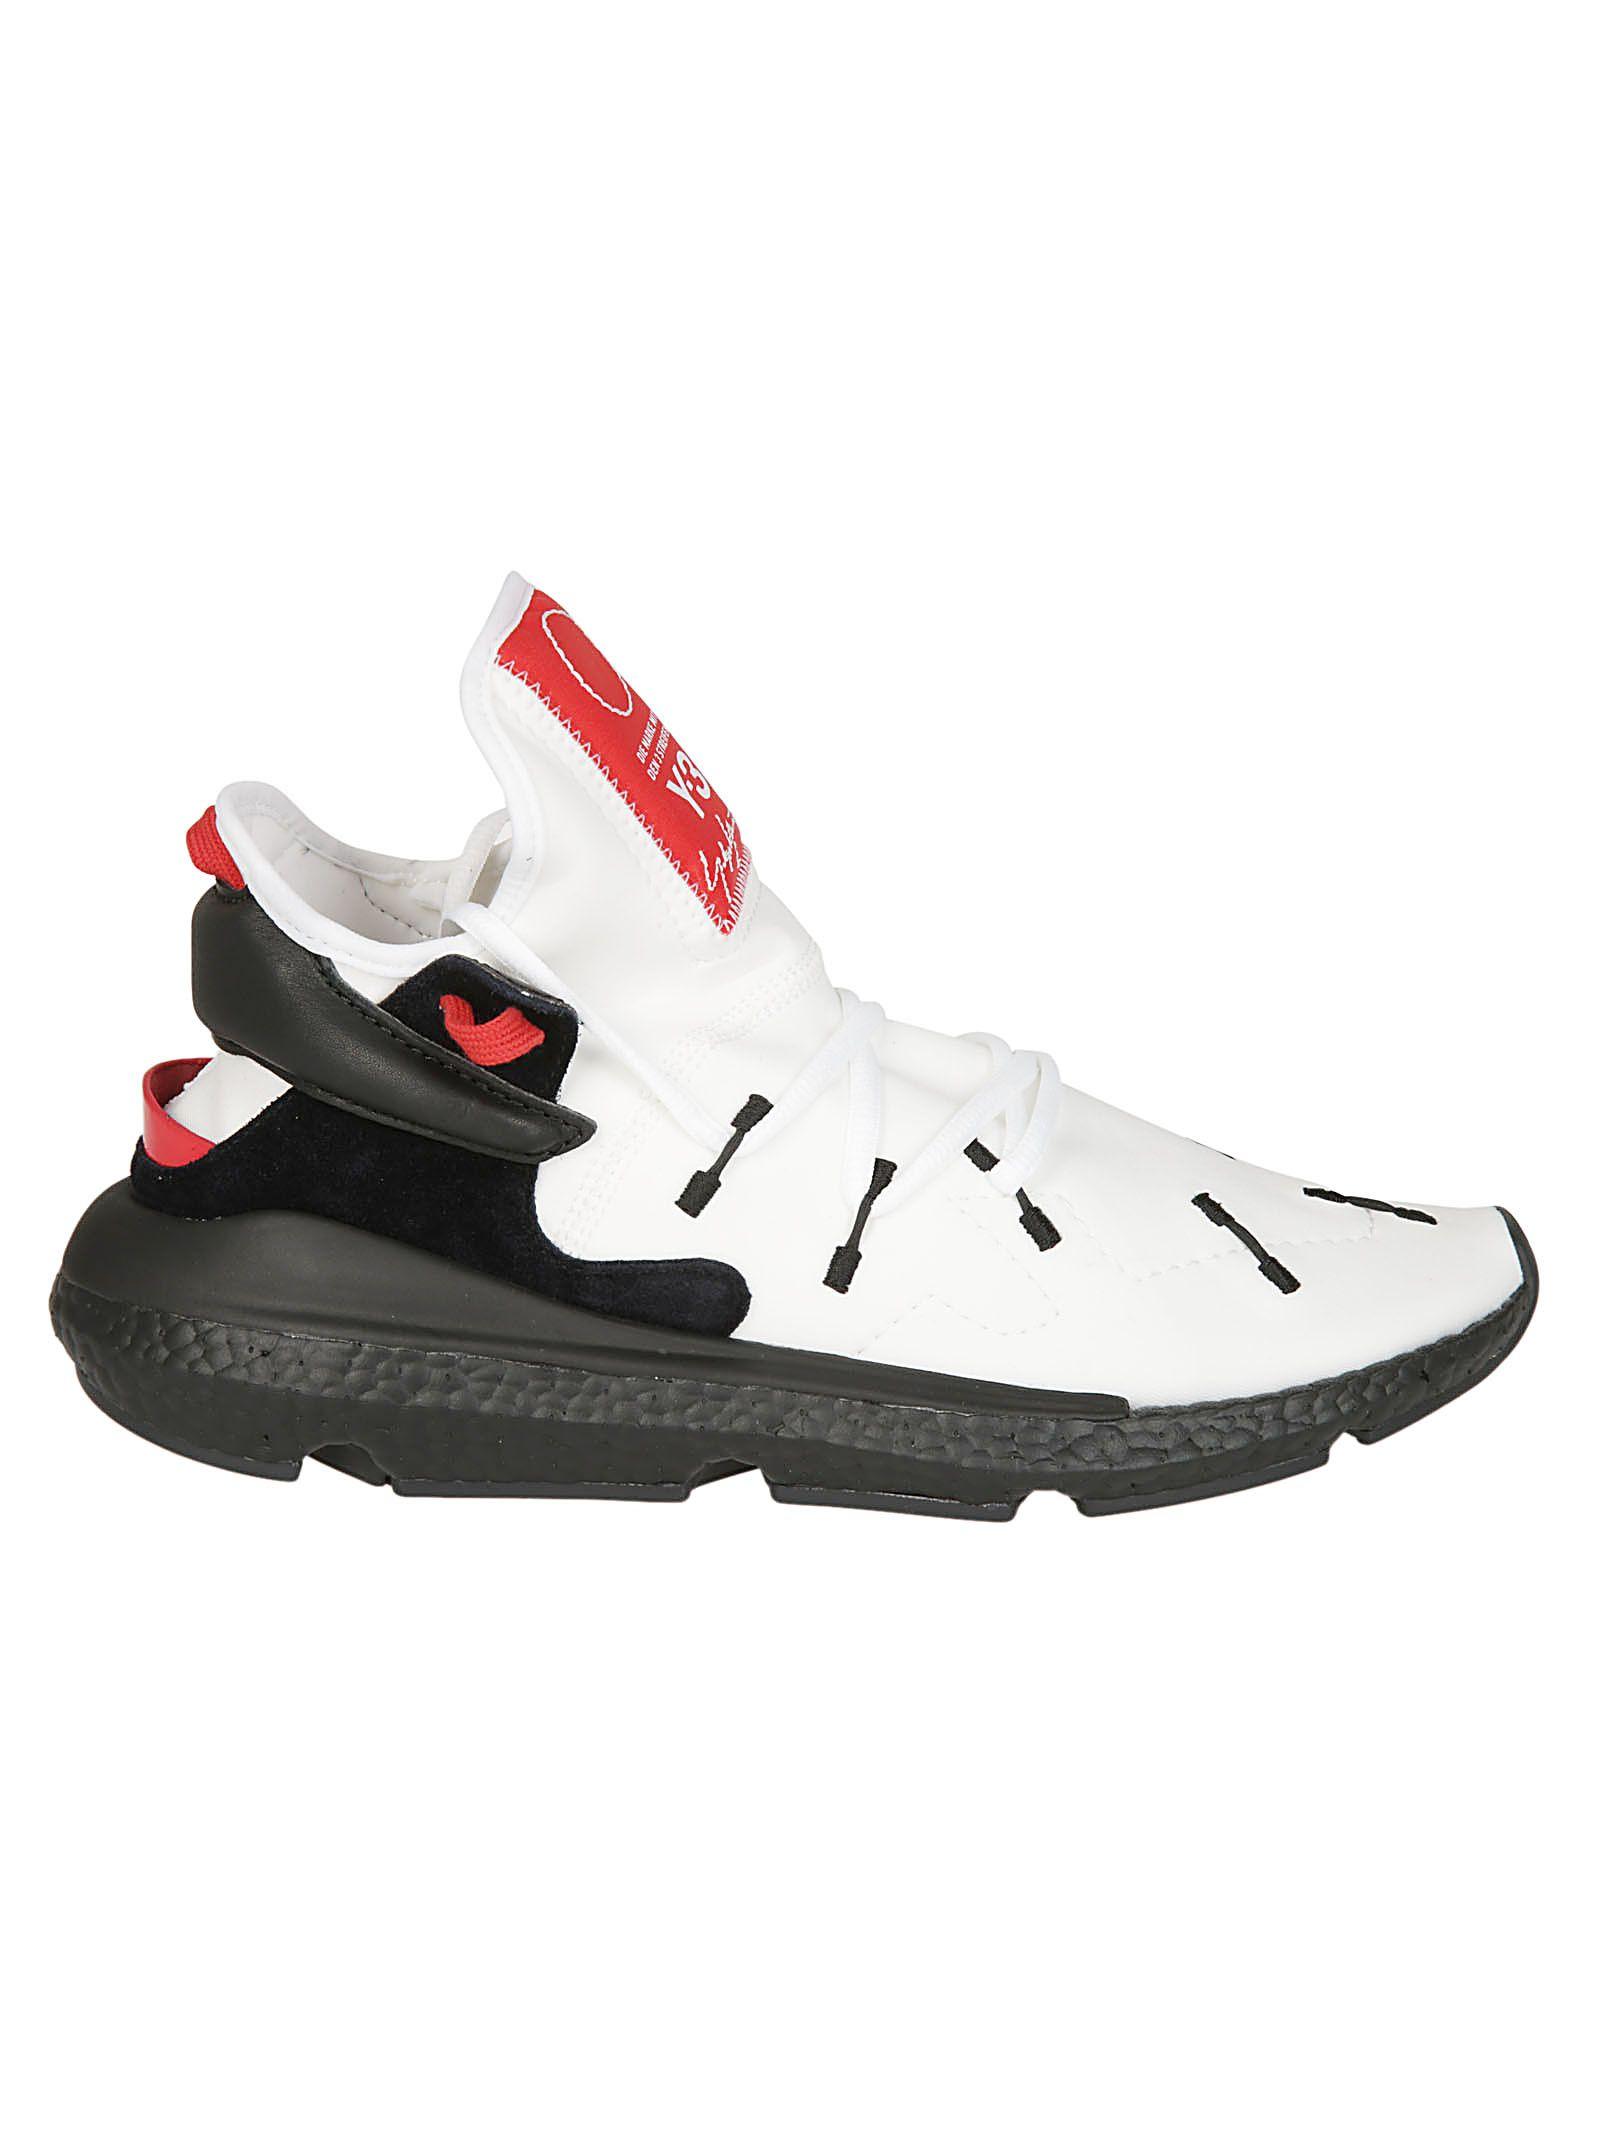 Y-3 Cusari Ii Sneakers